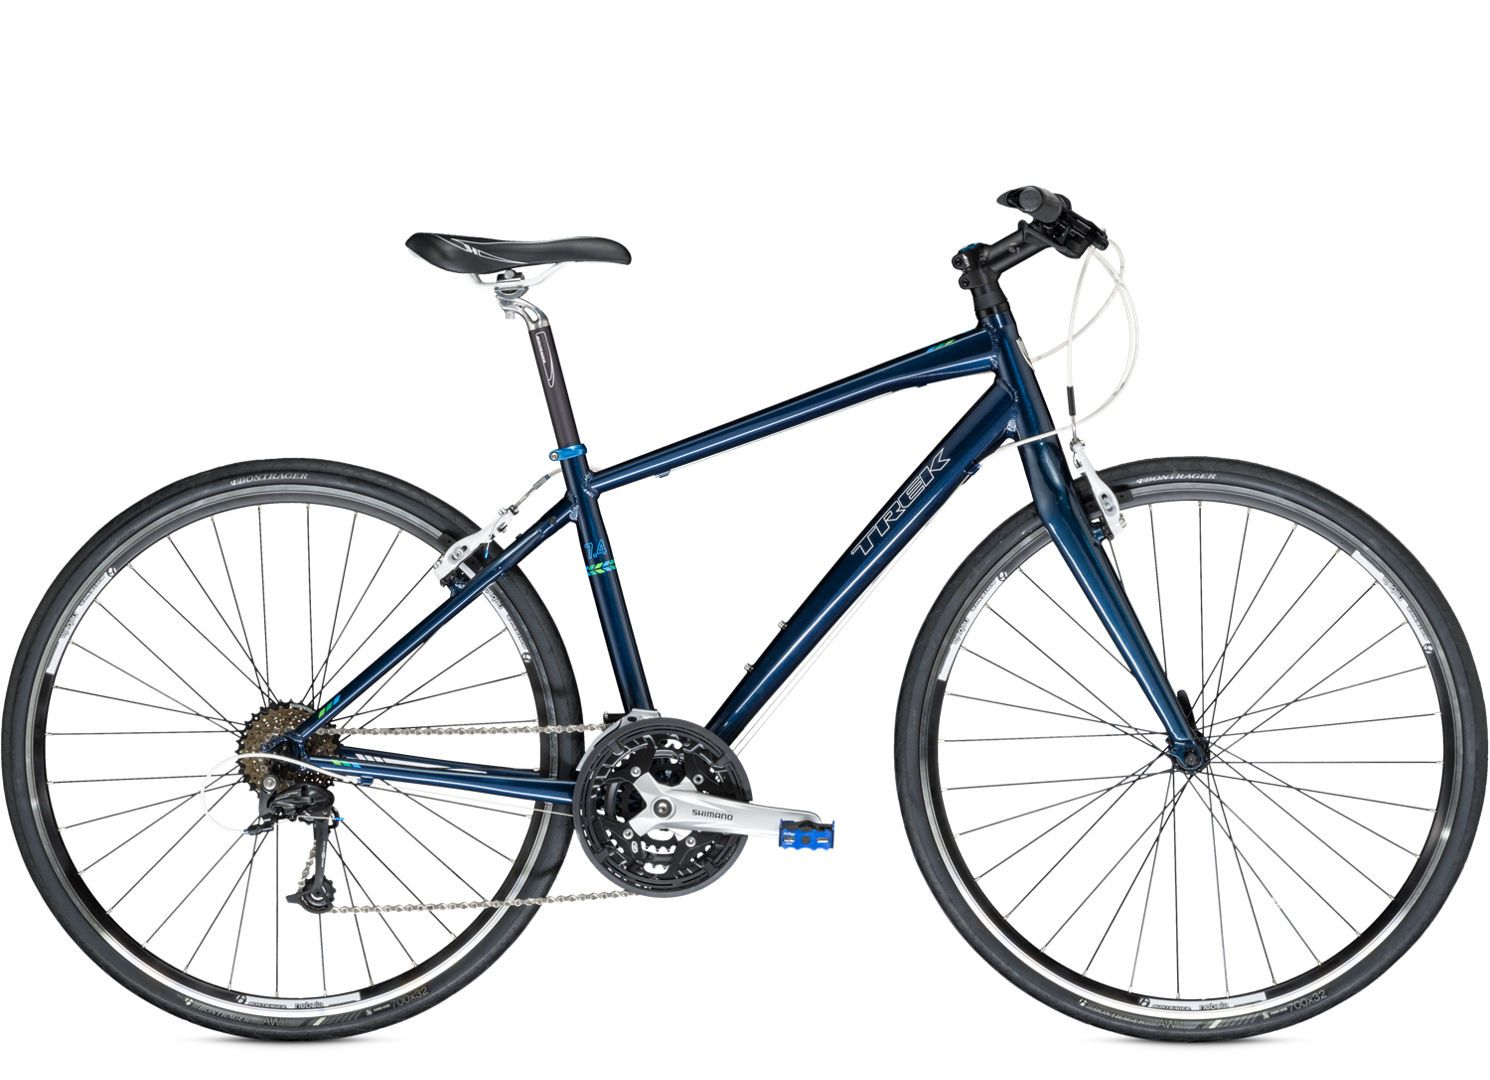 7 4 Fx Wsd Duotrap S Trek Bicycle Trek Bicycle Bicycle Trek Bikes